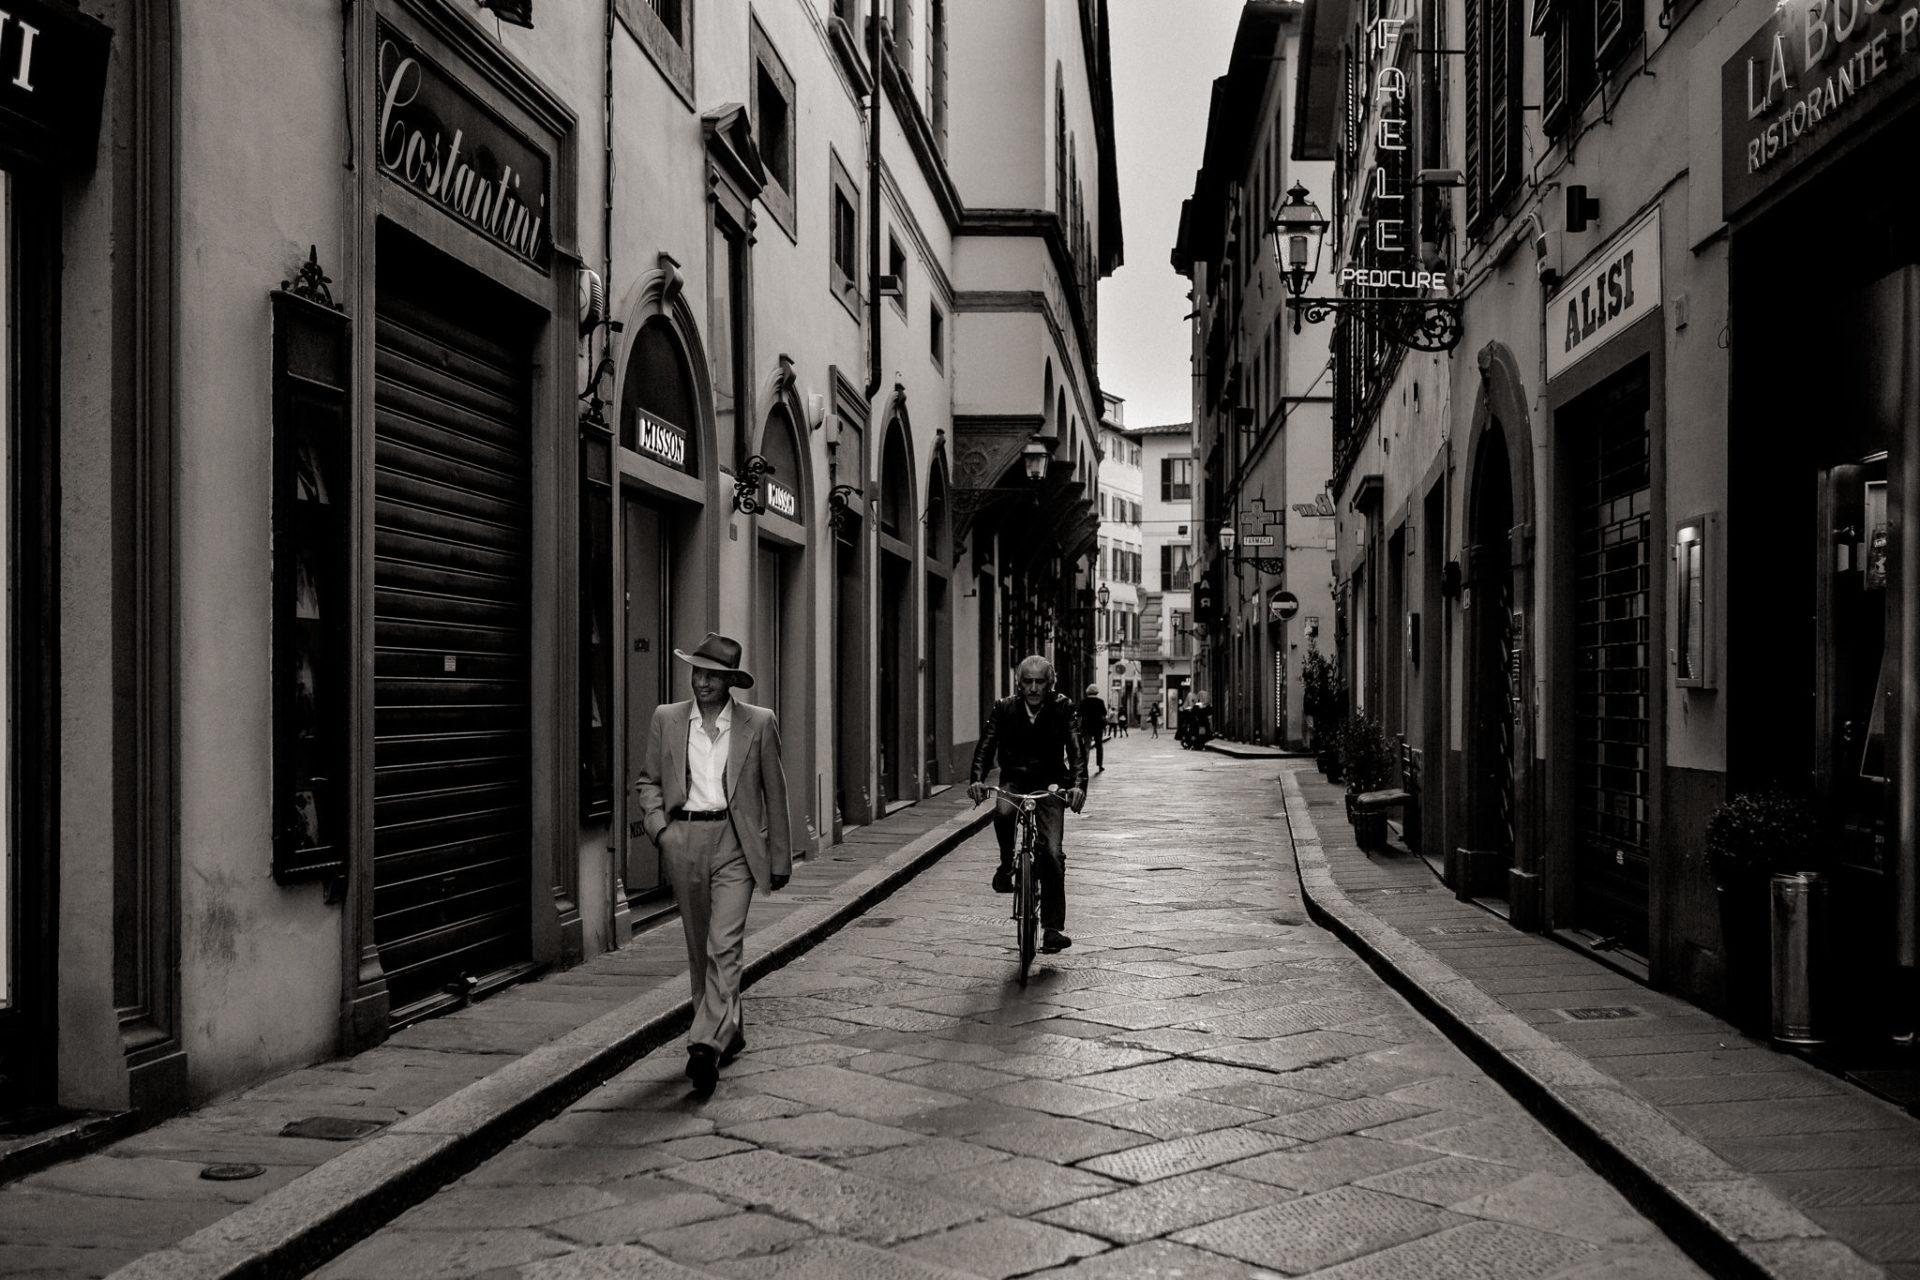 europa roadtrip mit hund-toskana entdecken-hochzeitsfotograf Toskana-Florenz entdecken